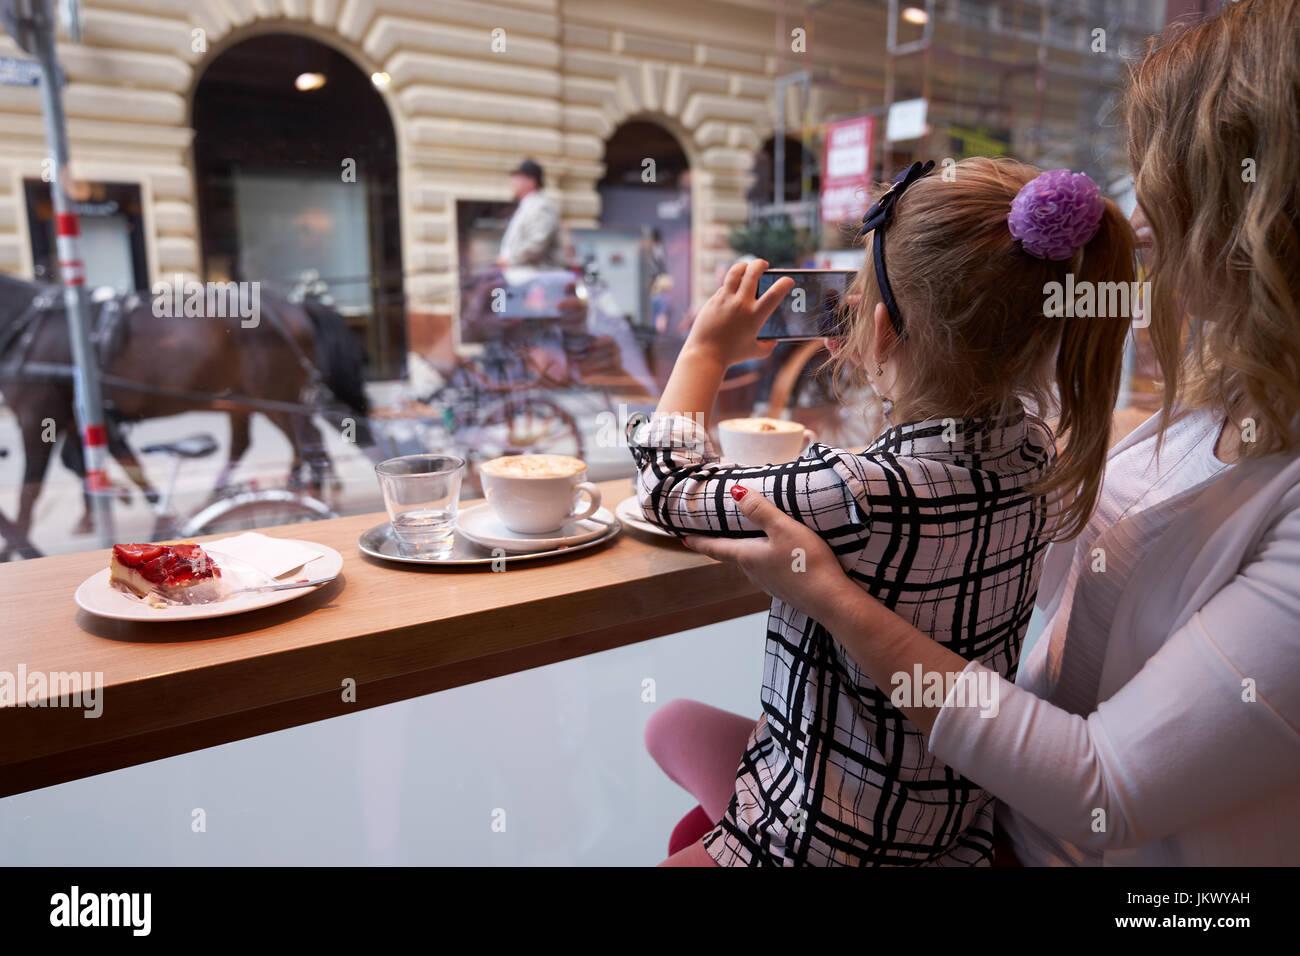 Jeune mère et fille passer du temps dans un café et faire des photos Photo Stock